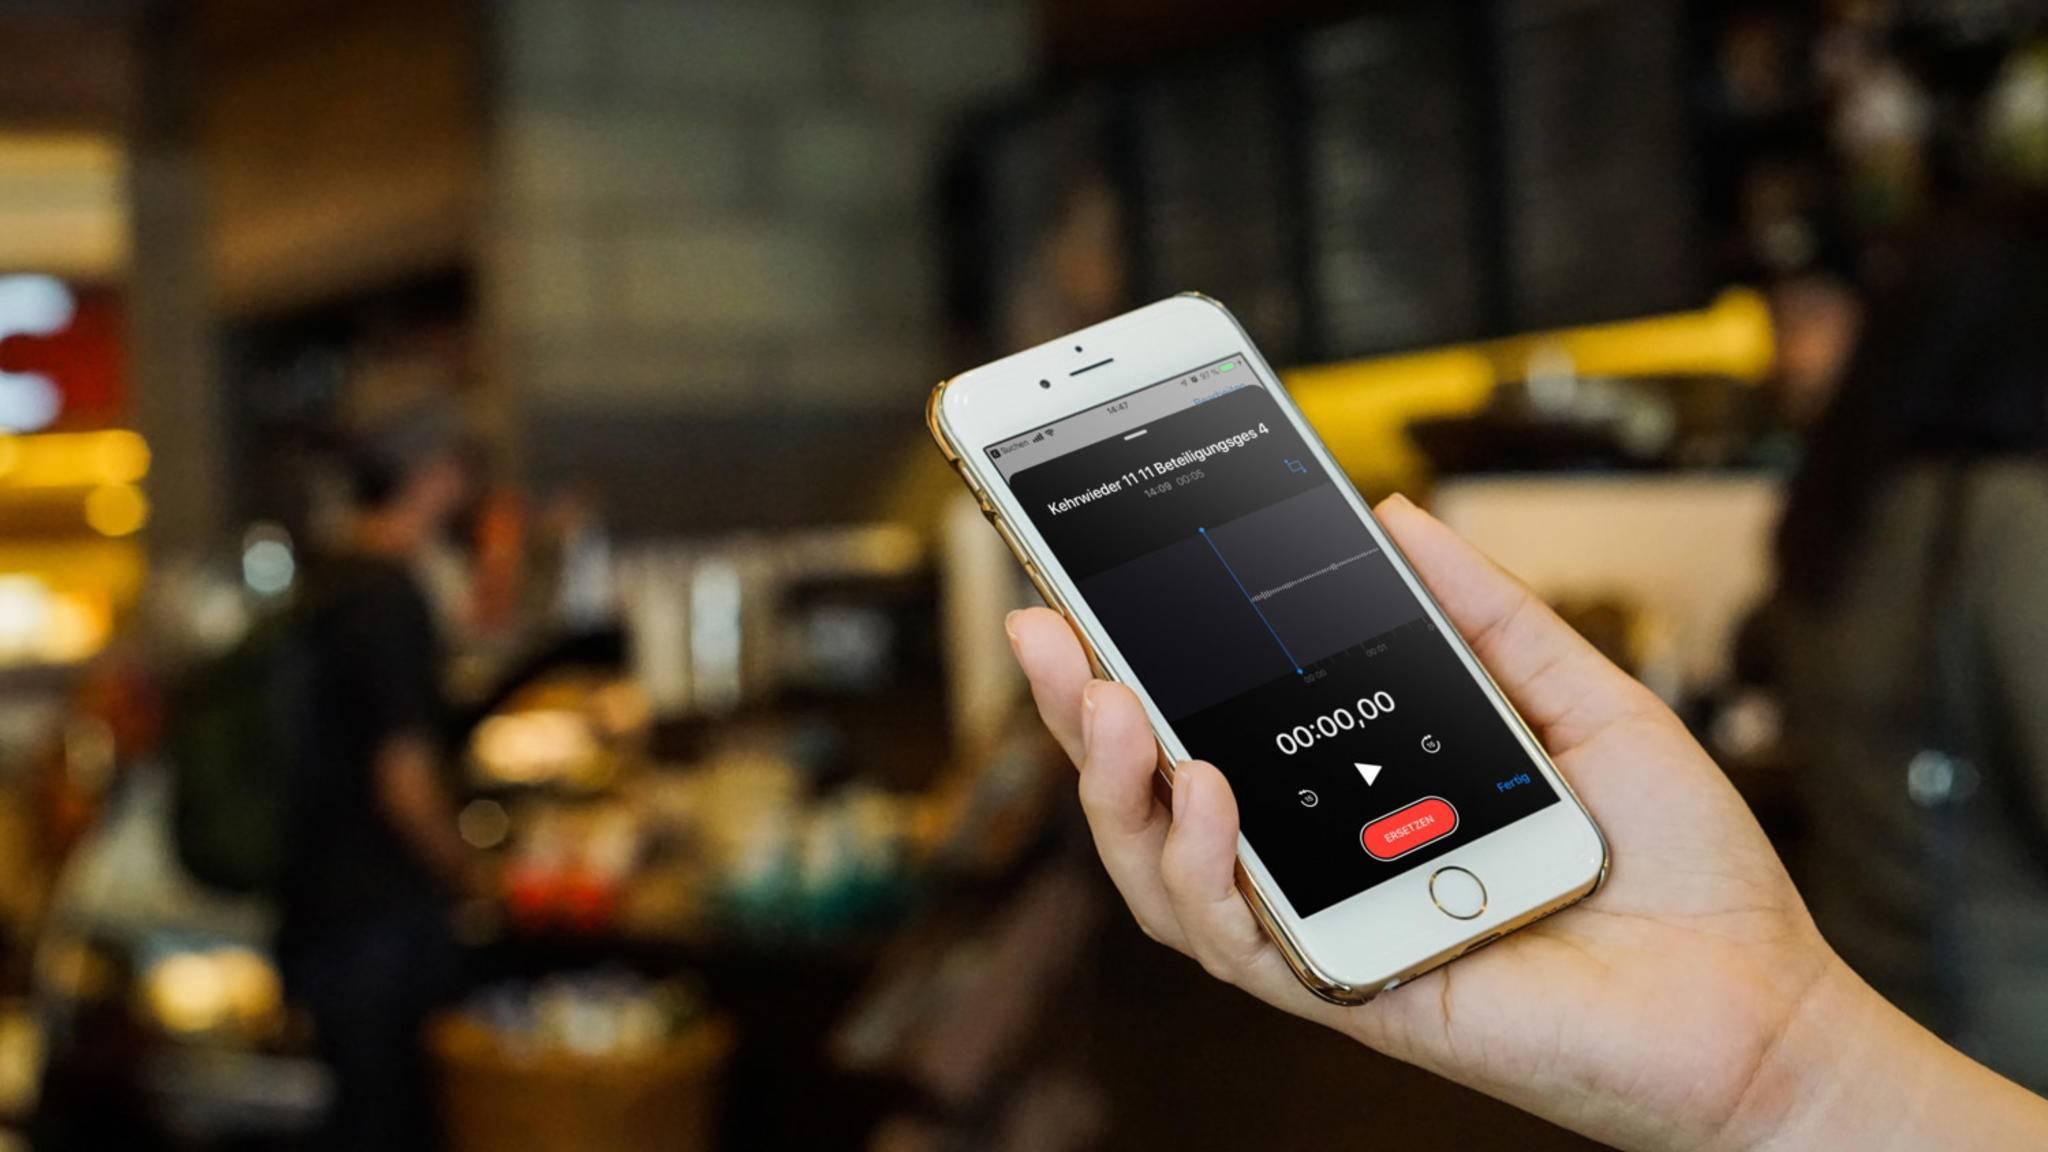 Wir erklären alles, was Du zum Thema Sprachmemos auf dem iPhone wissen musst.